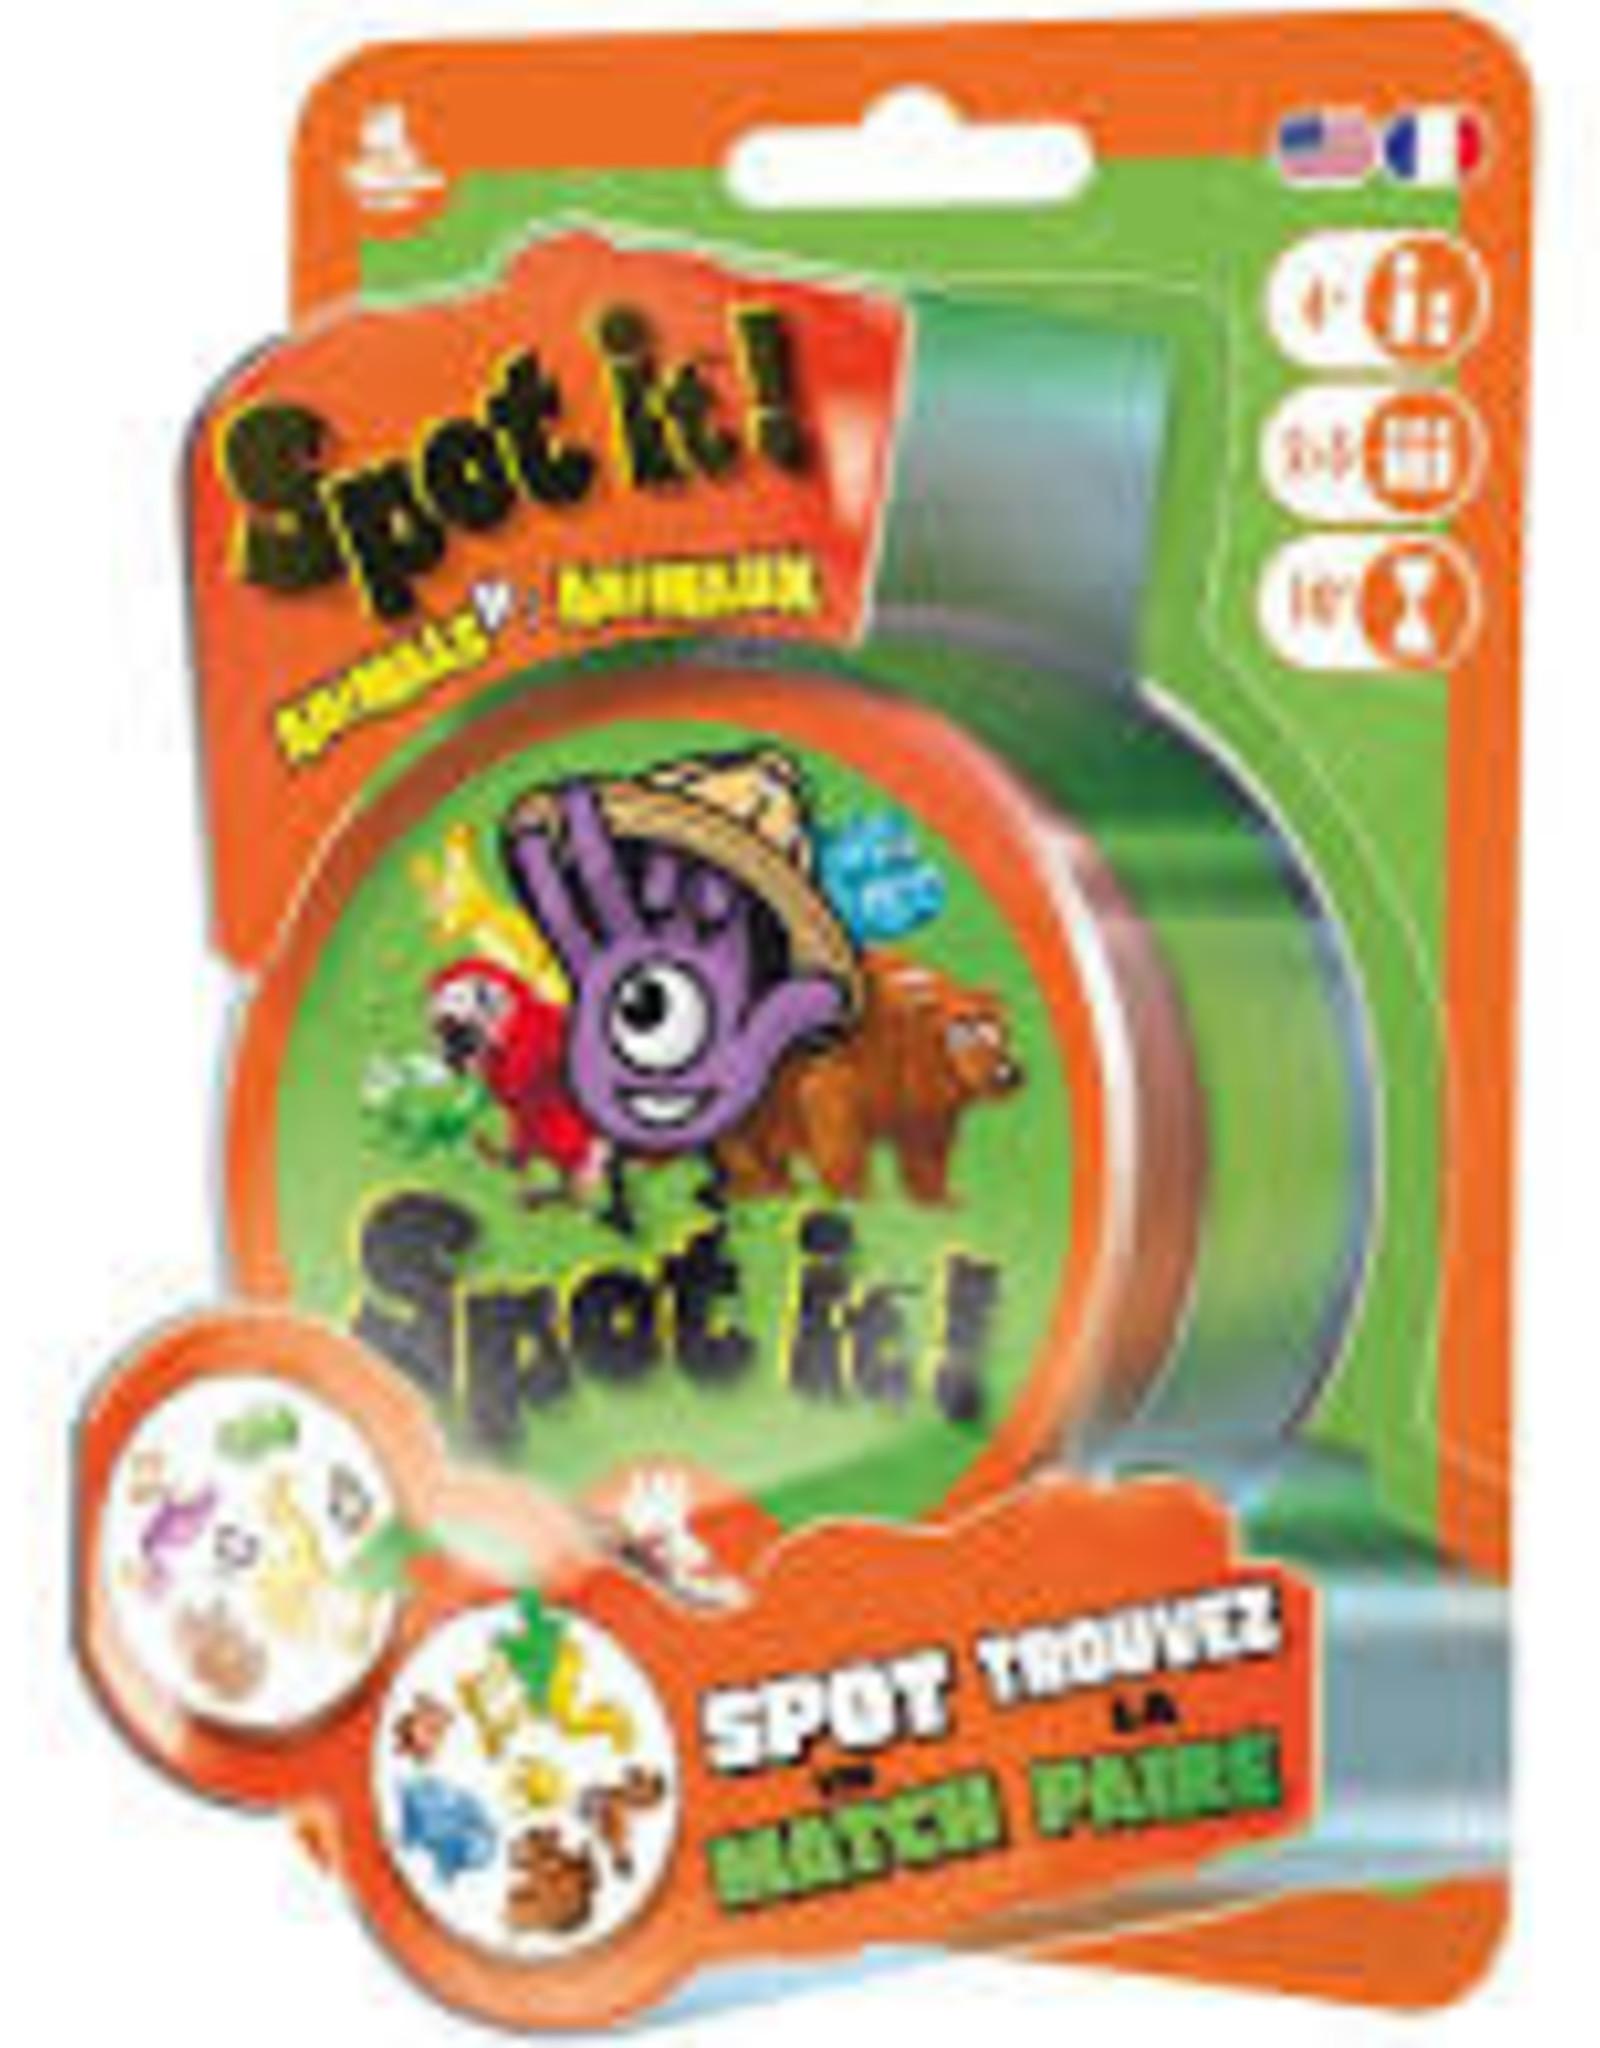 zygo matic Spot It! / Dobble: Animal Jr. Blister Pack